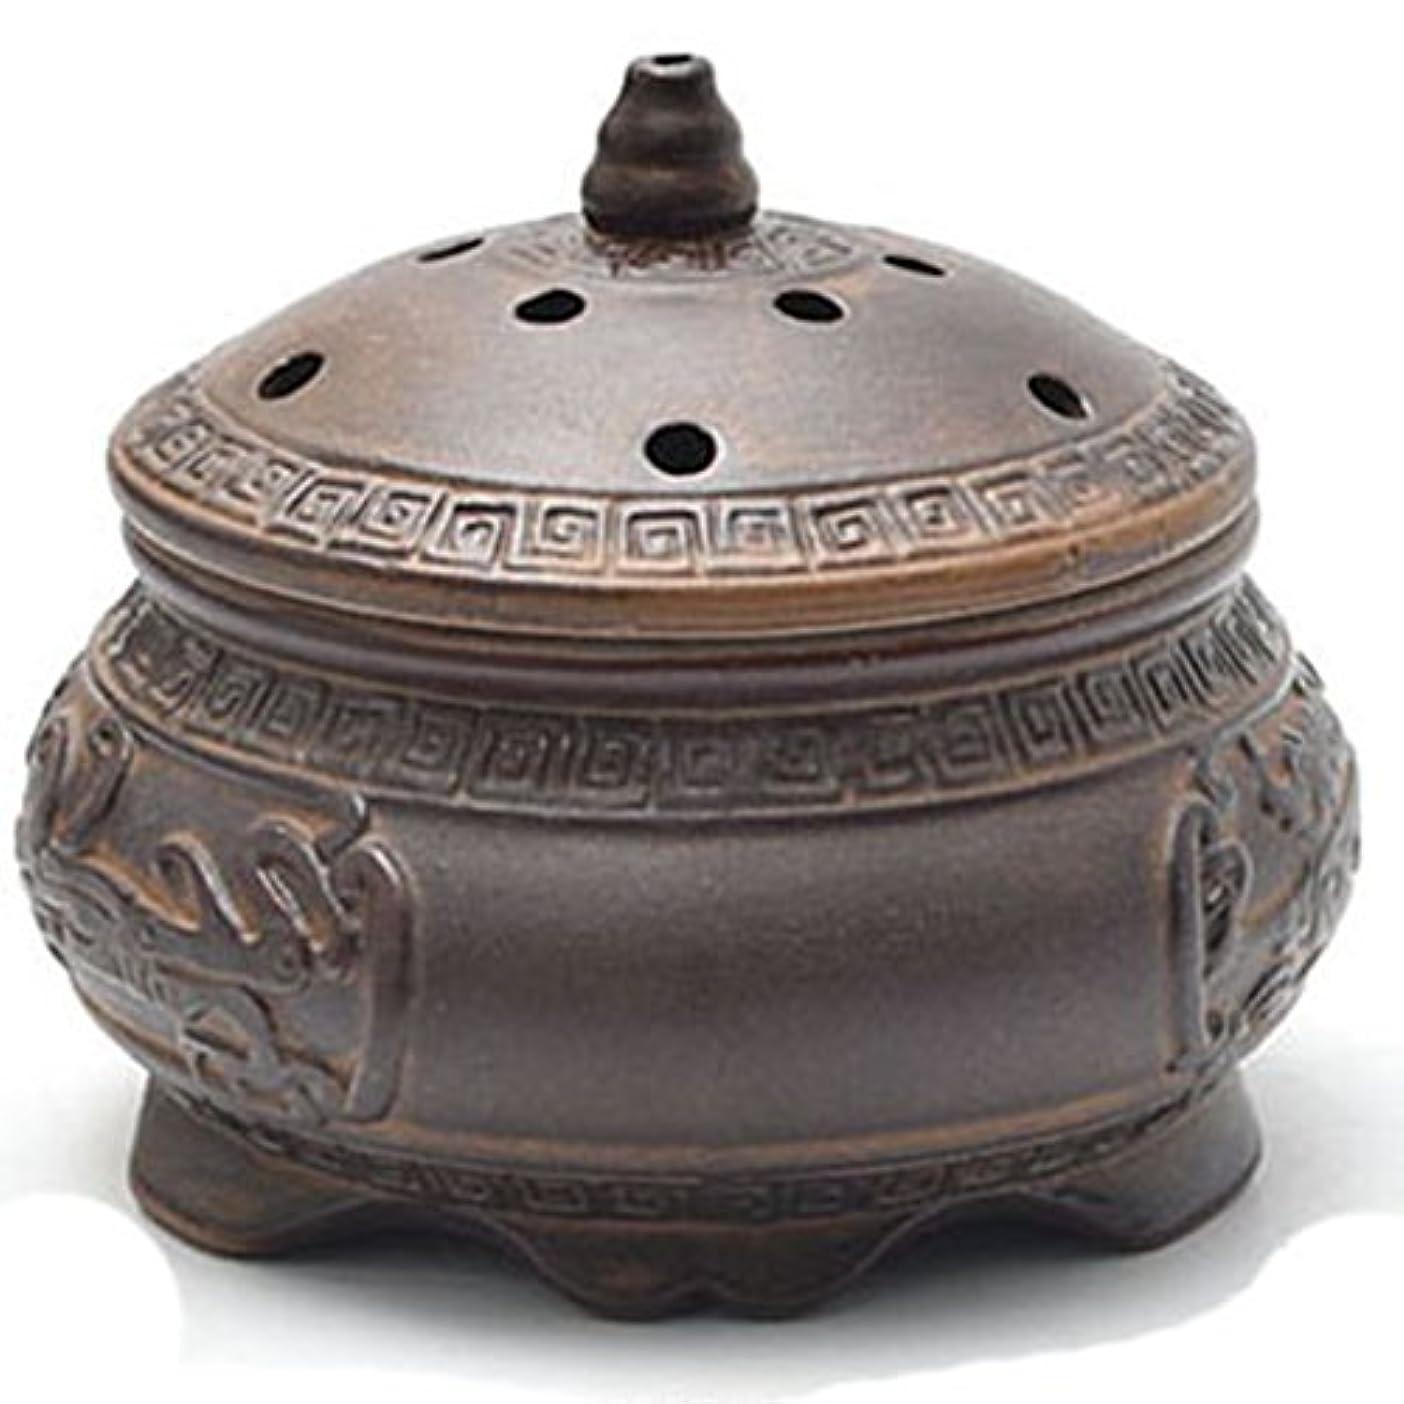 機関車外側感謝祭(ラシューバー) Lasuiveur 香炉 線香立て 香立て 職人さんの手作り 茶道用品 おしゃれ